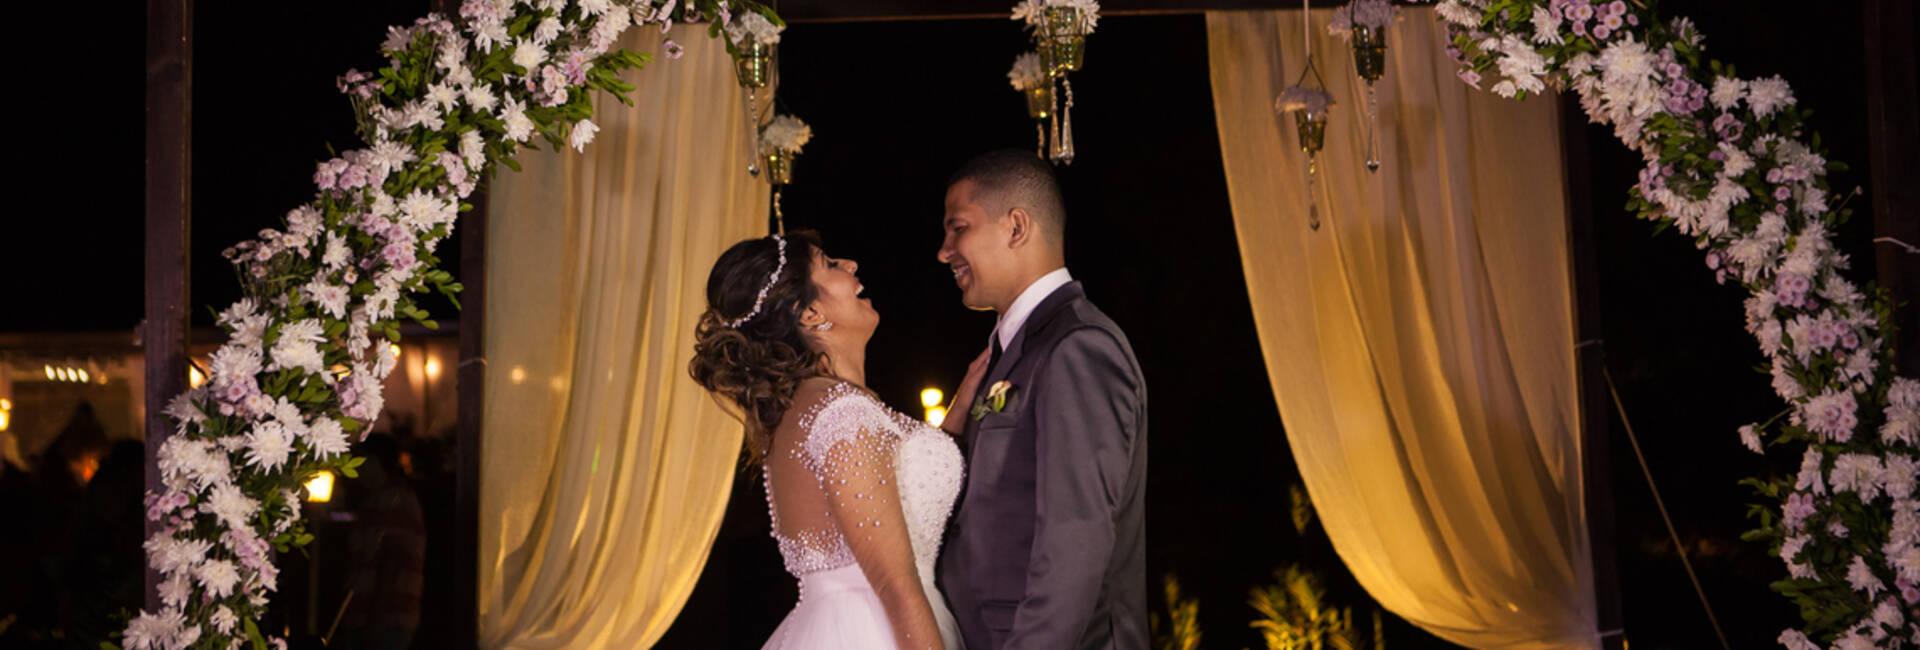 casamento de Polliana e Felipe